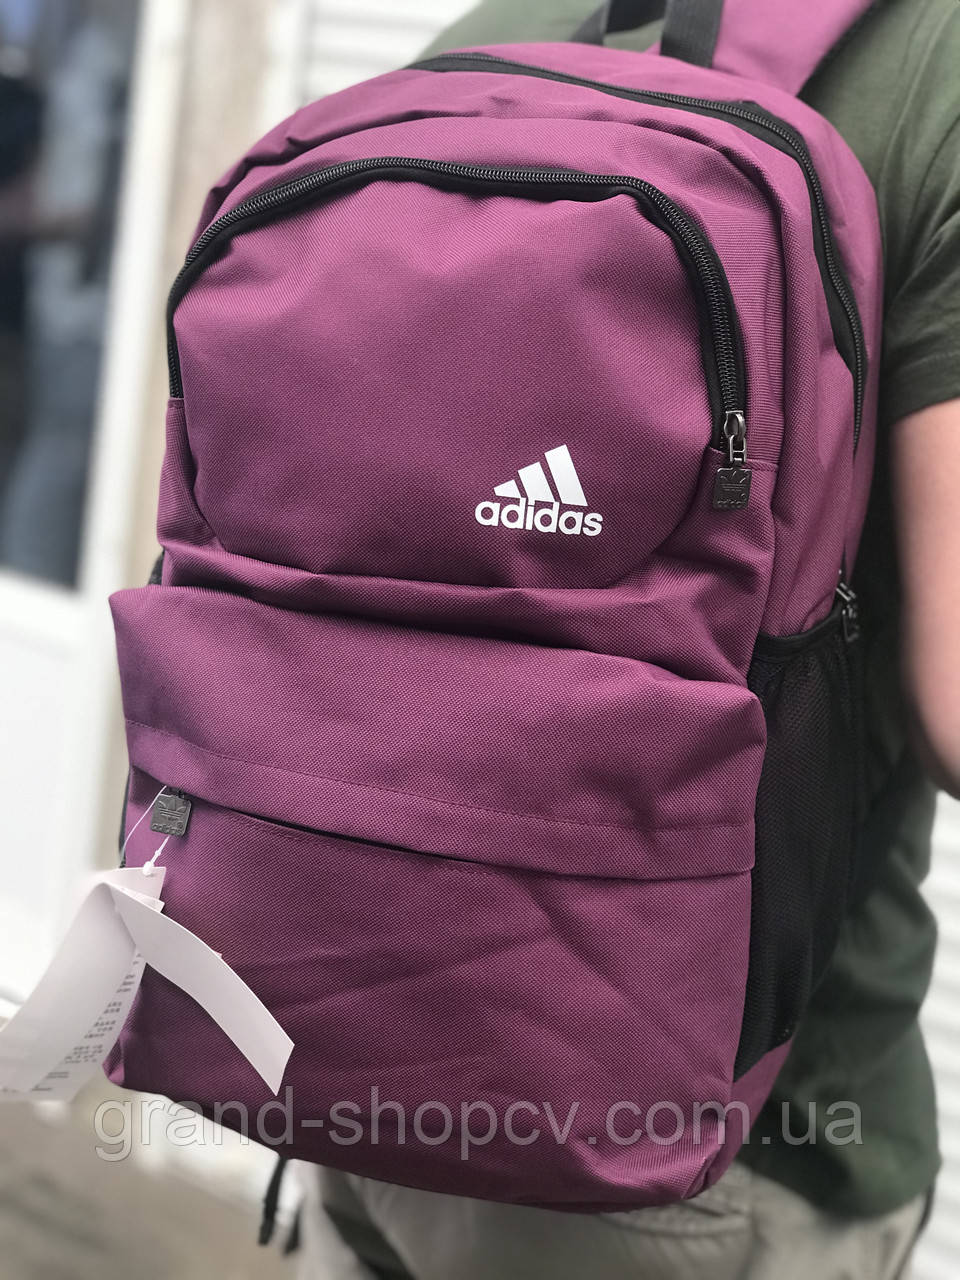 Качественный мужской рюкзак- портфель Adidas. Спортивный рюкзак Адидас